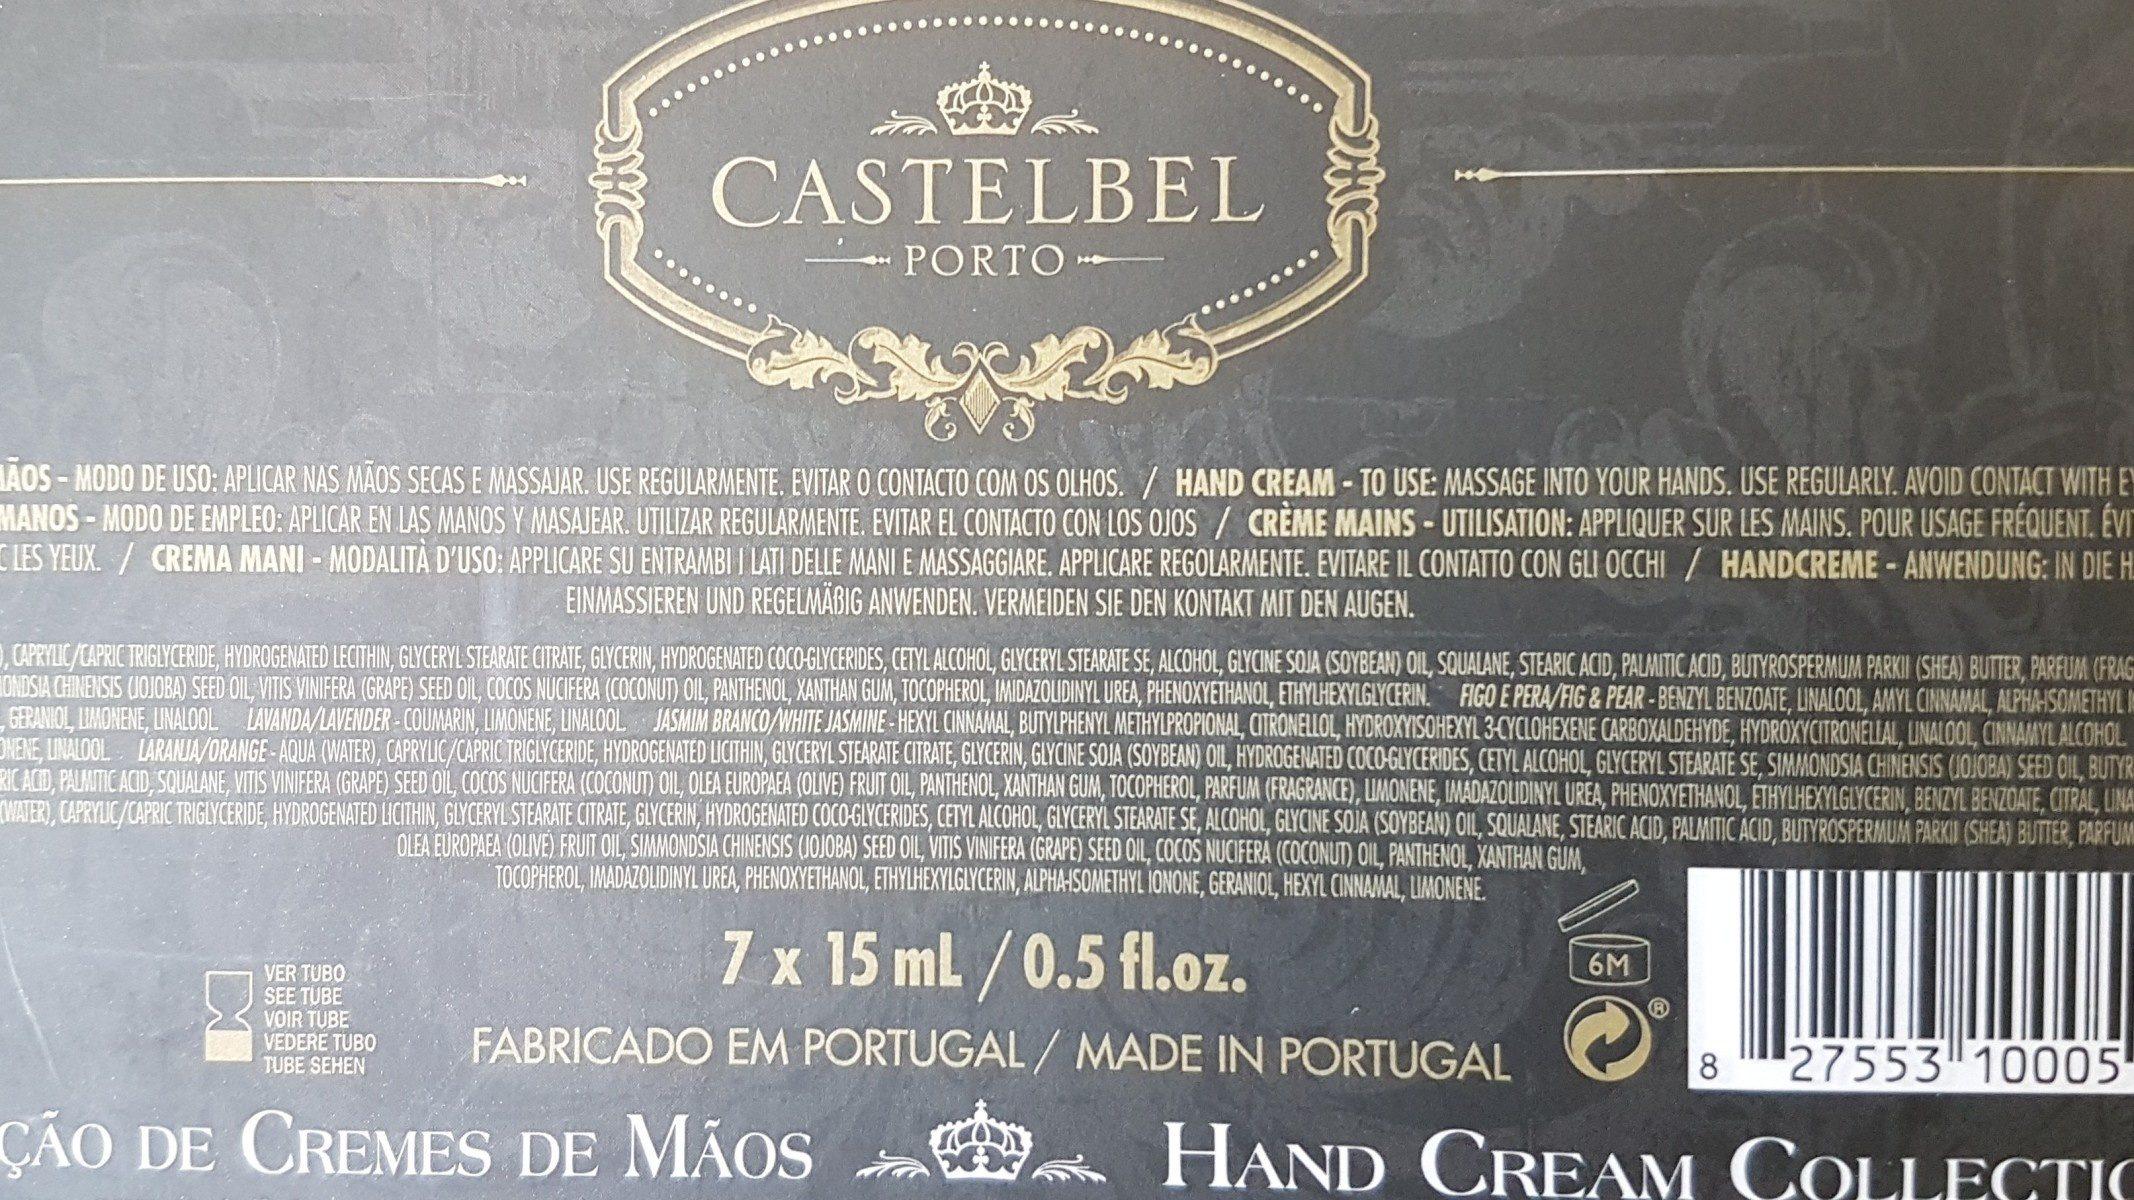 Hand Cream collection - Ingrédients